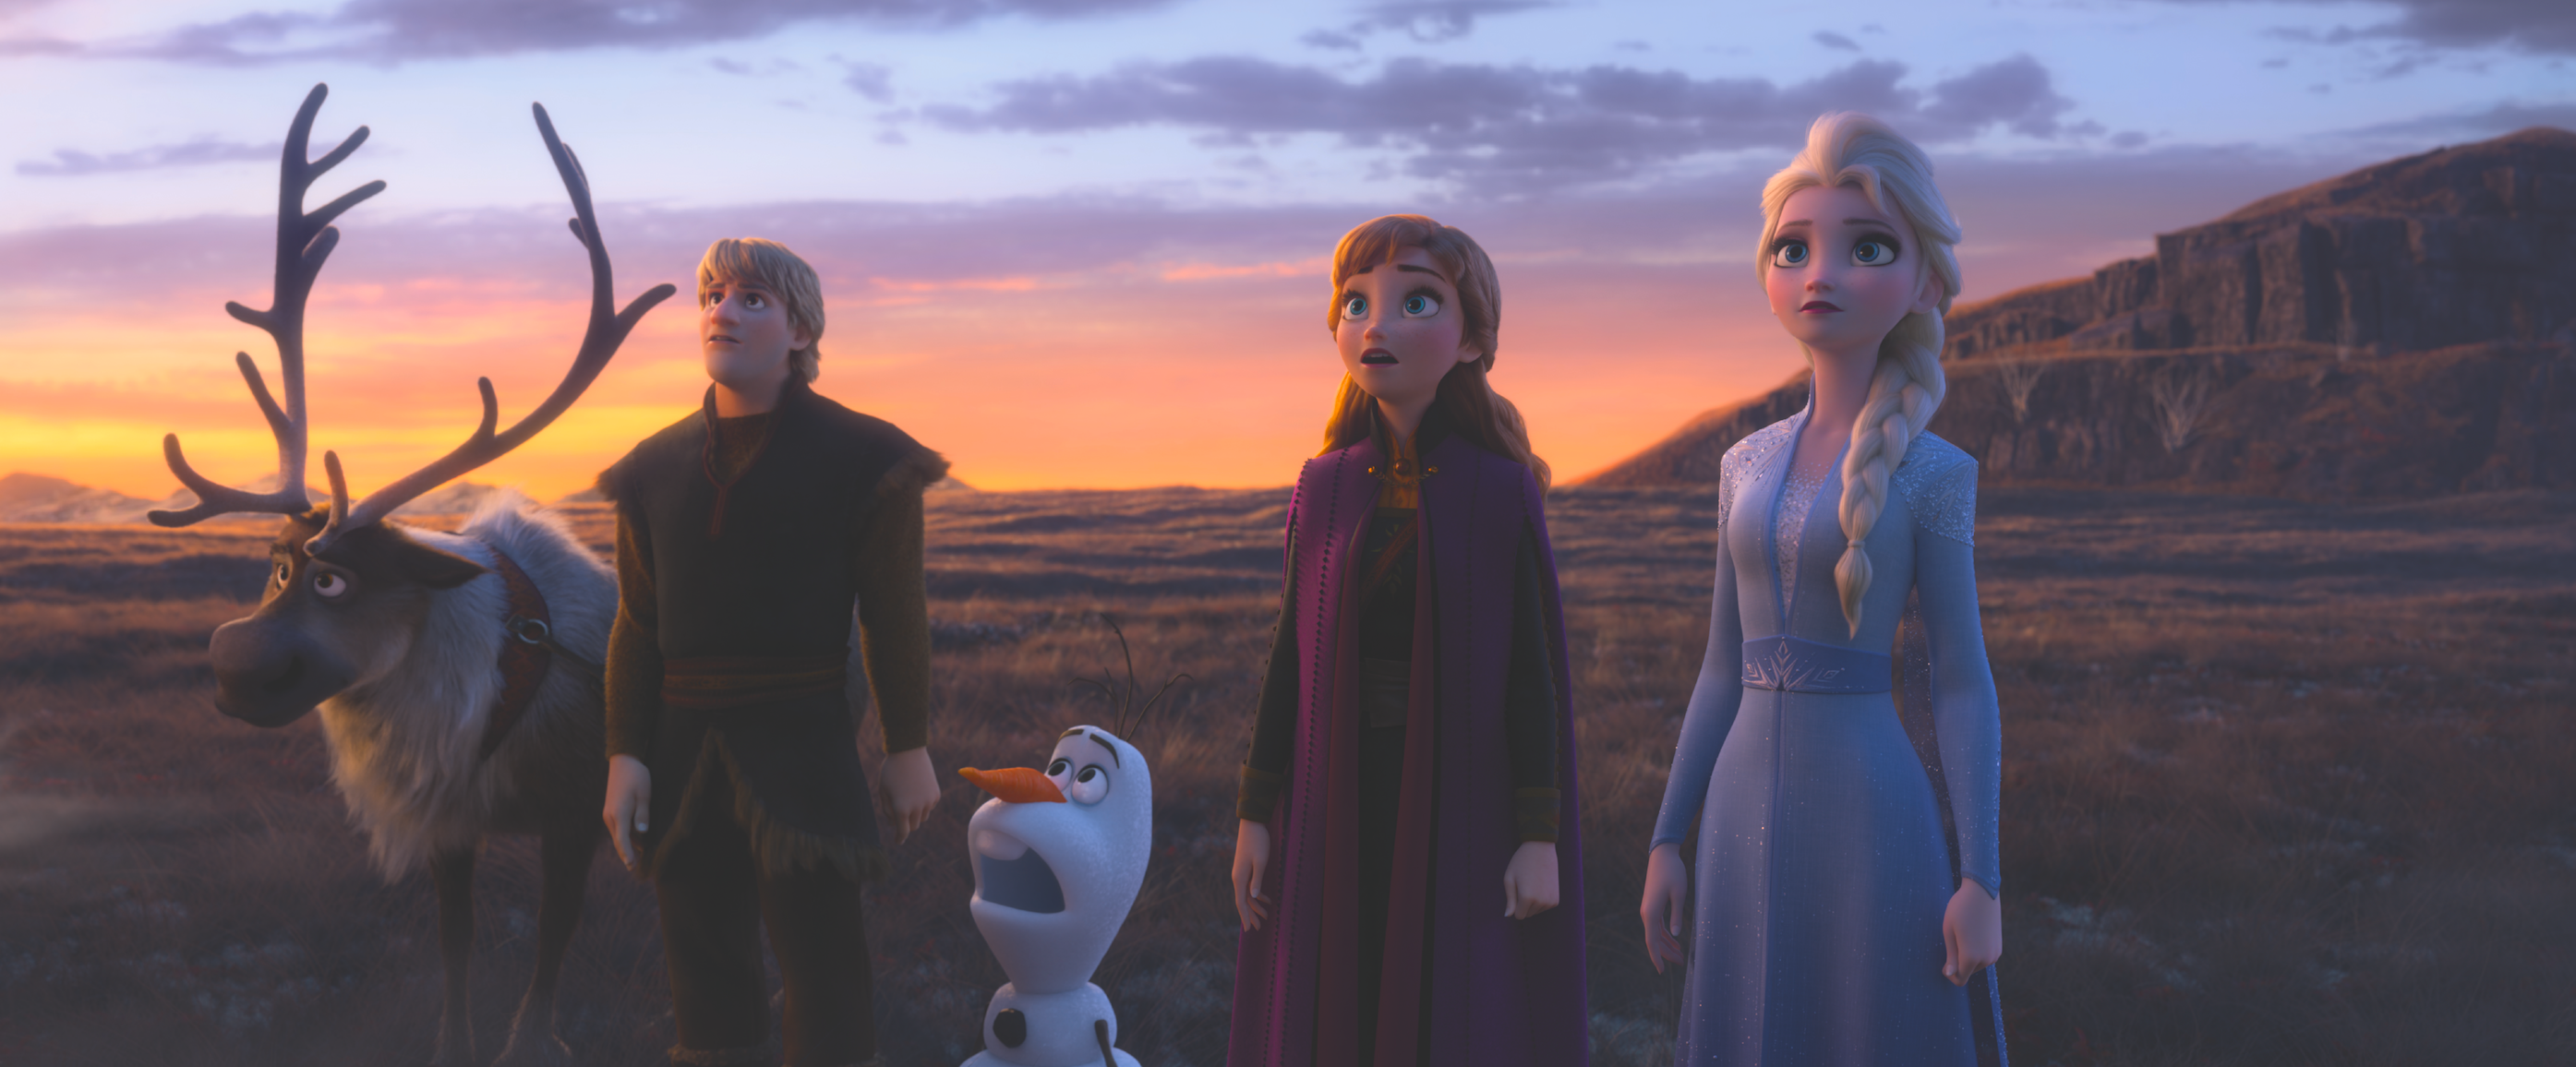 Una scena di Frozen 2